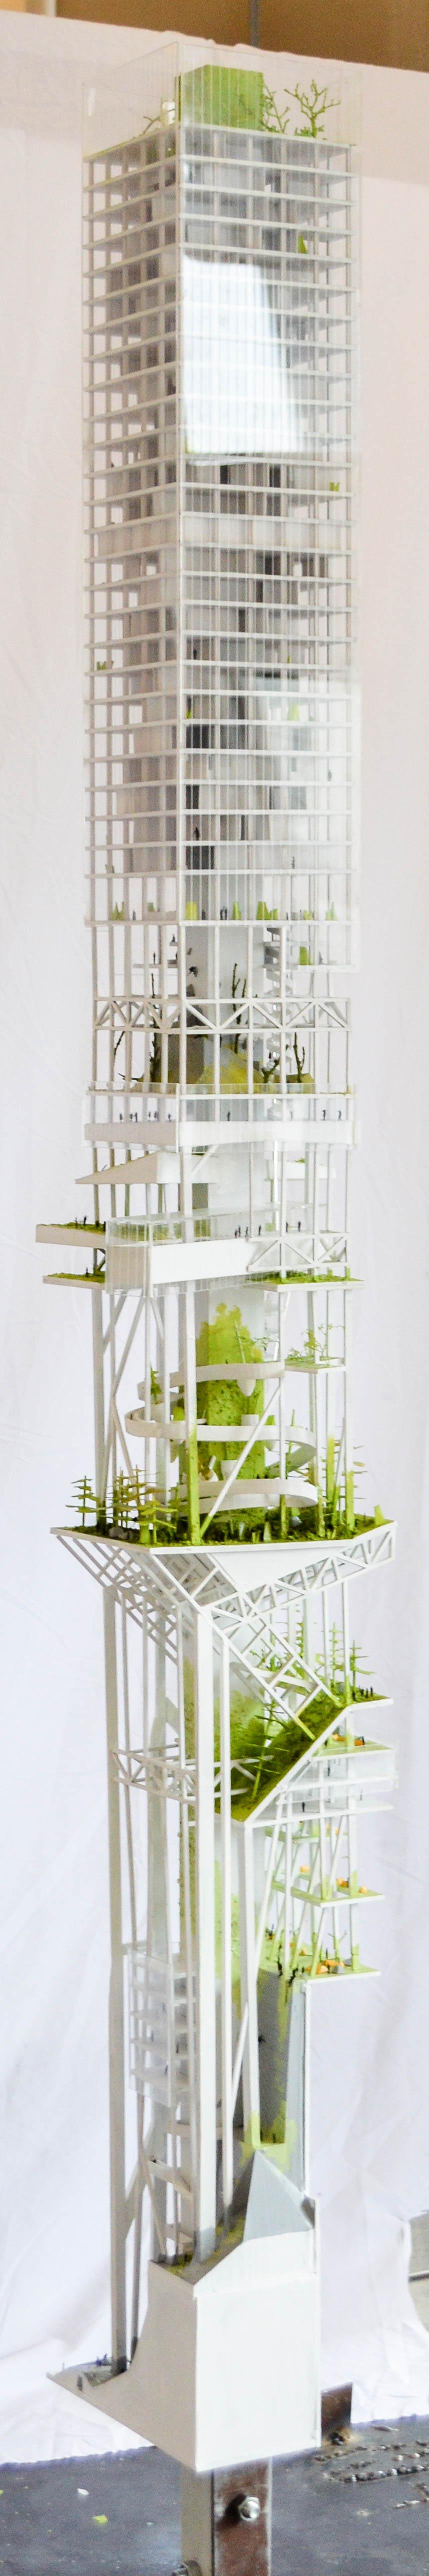 verticaltower-11.jpg